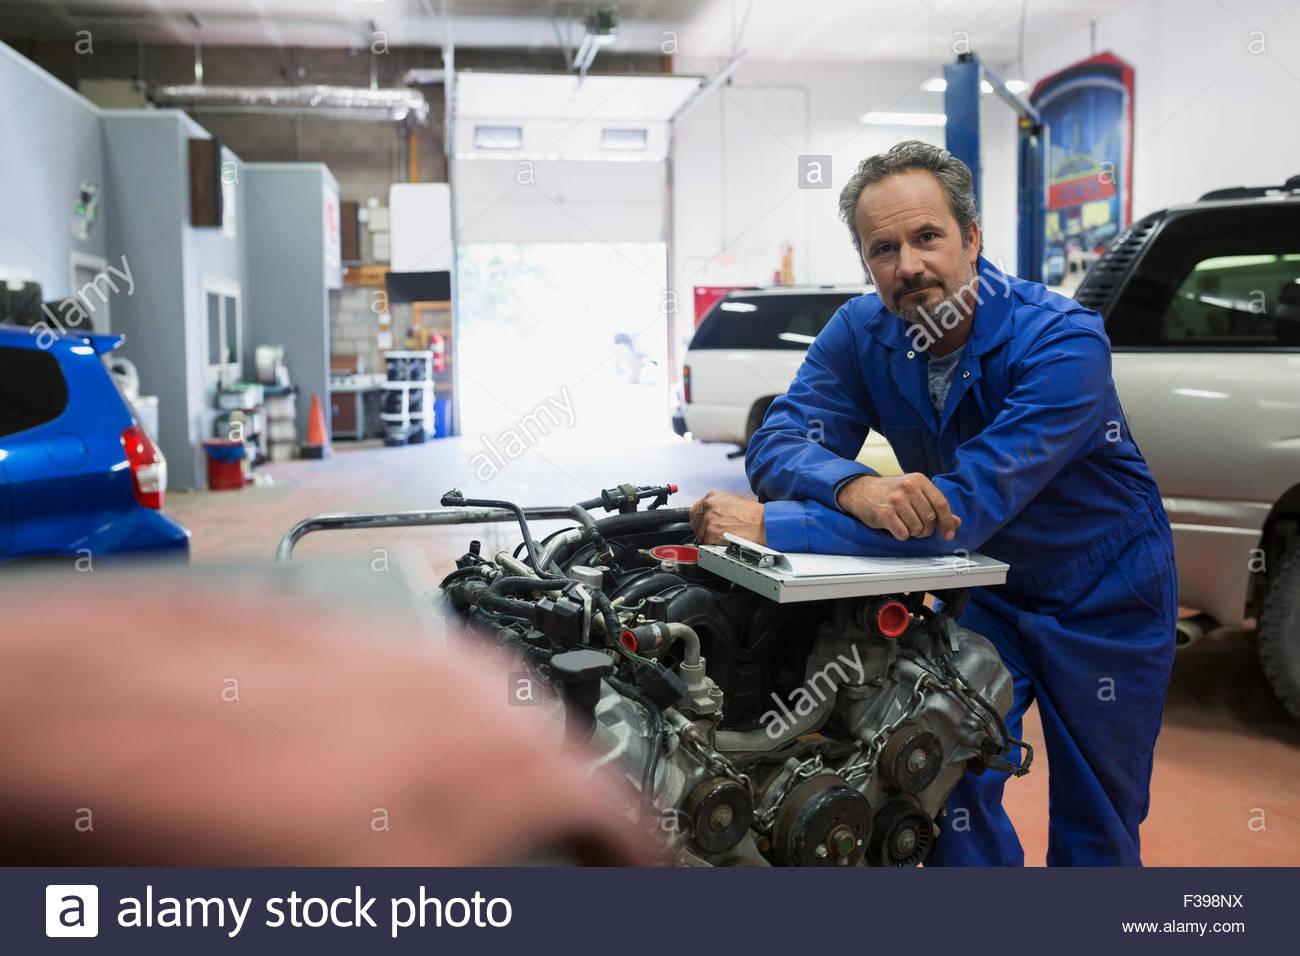 Mécanicien moteur Portrait confiant à l'atelier de réparation automobile Photo Stock